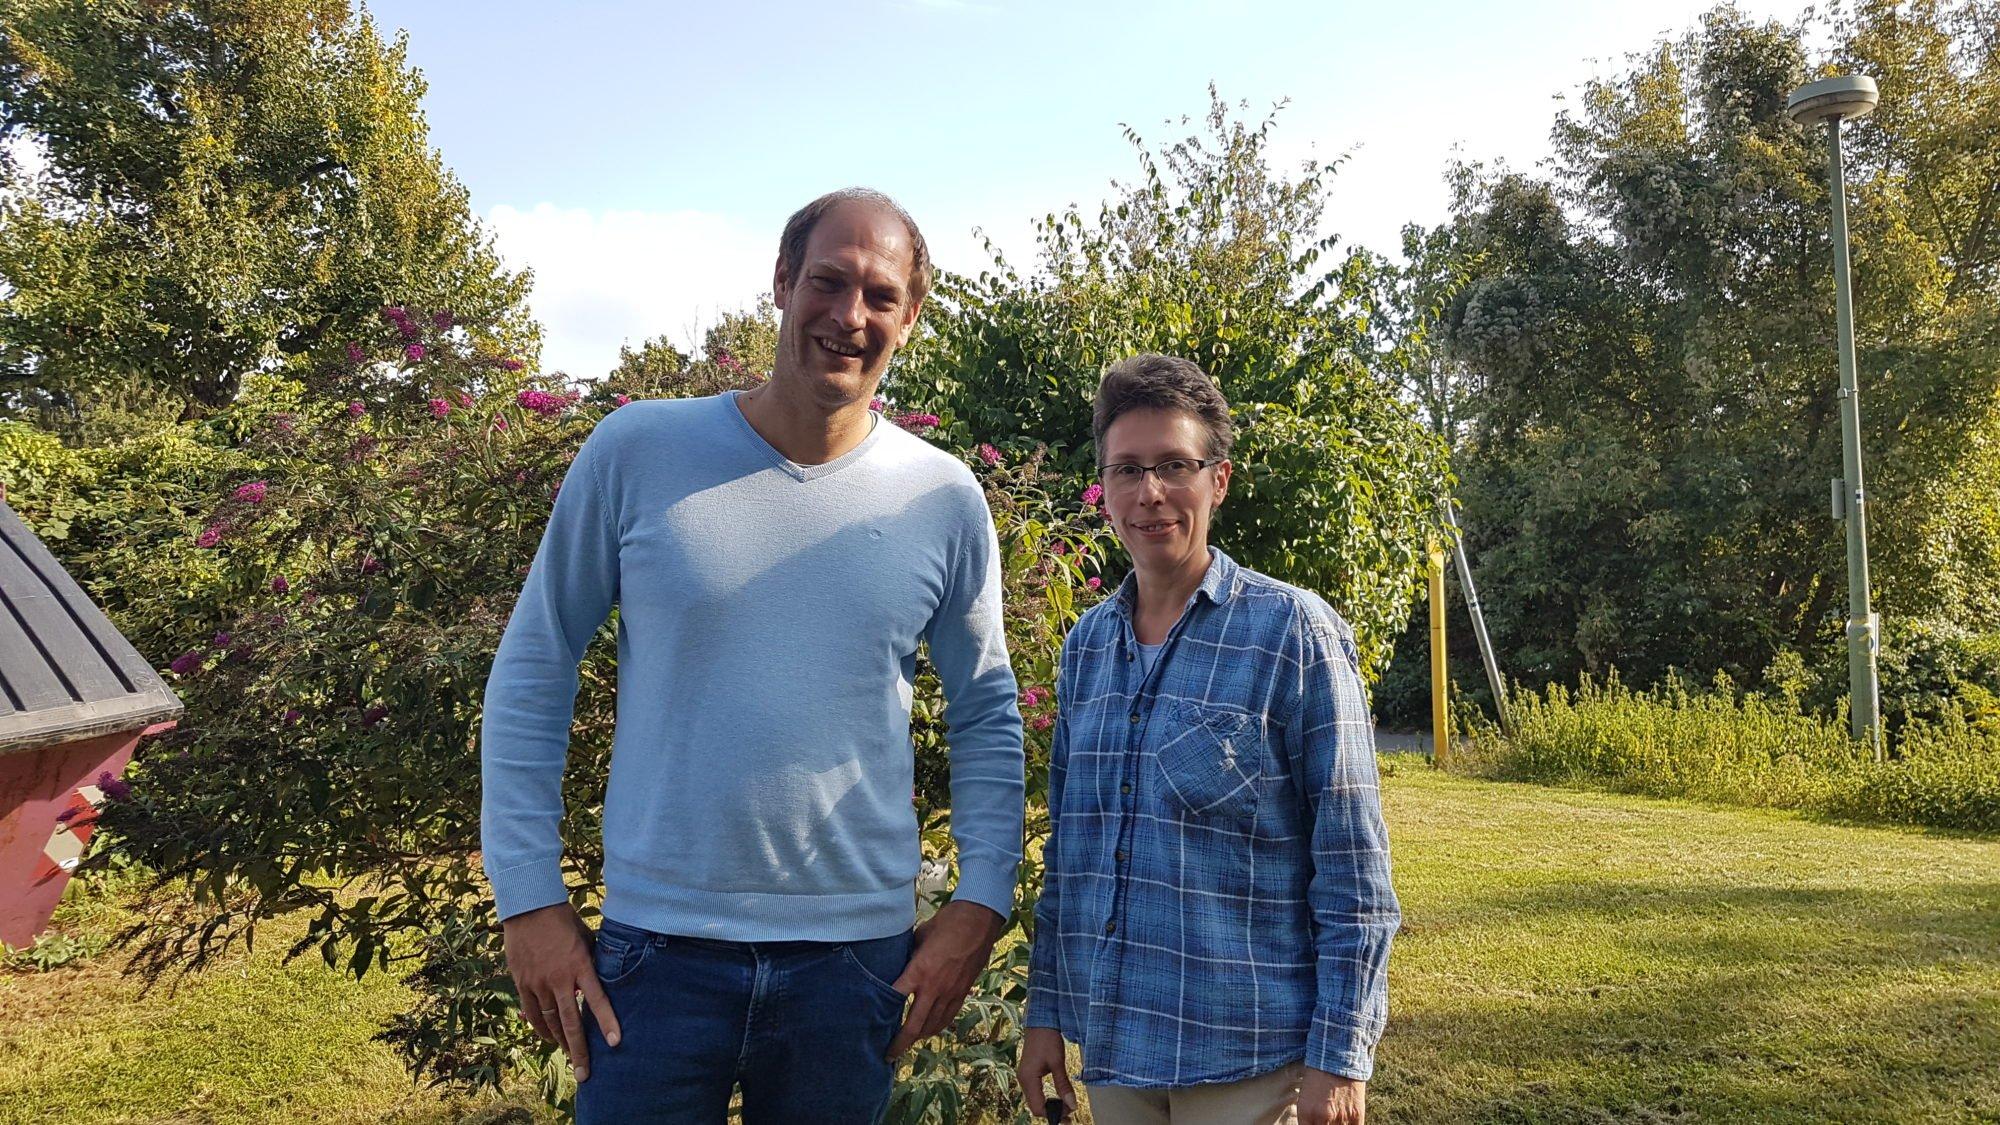 Herr Kempf und Frau Bierwagen stehen im Garten der FDS Hausverwaltung